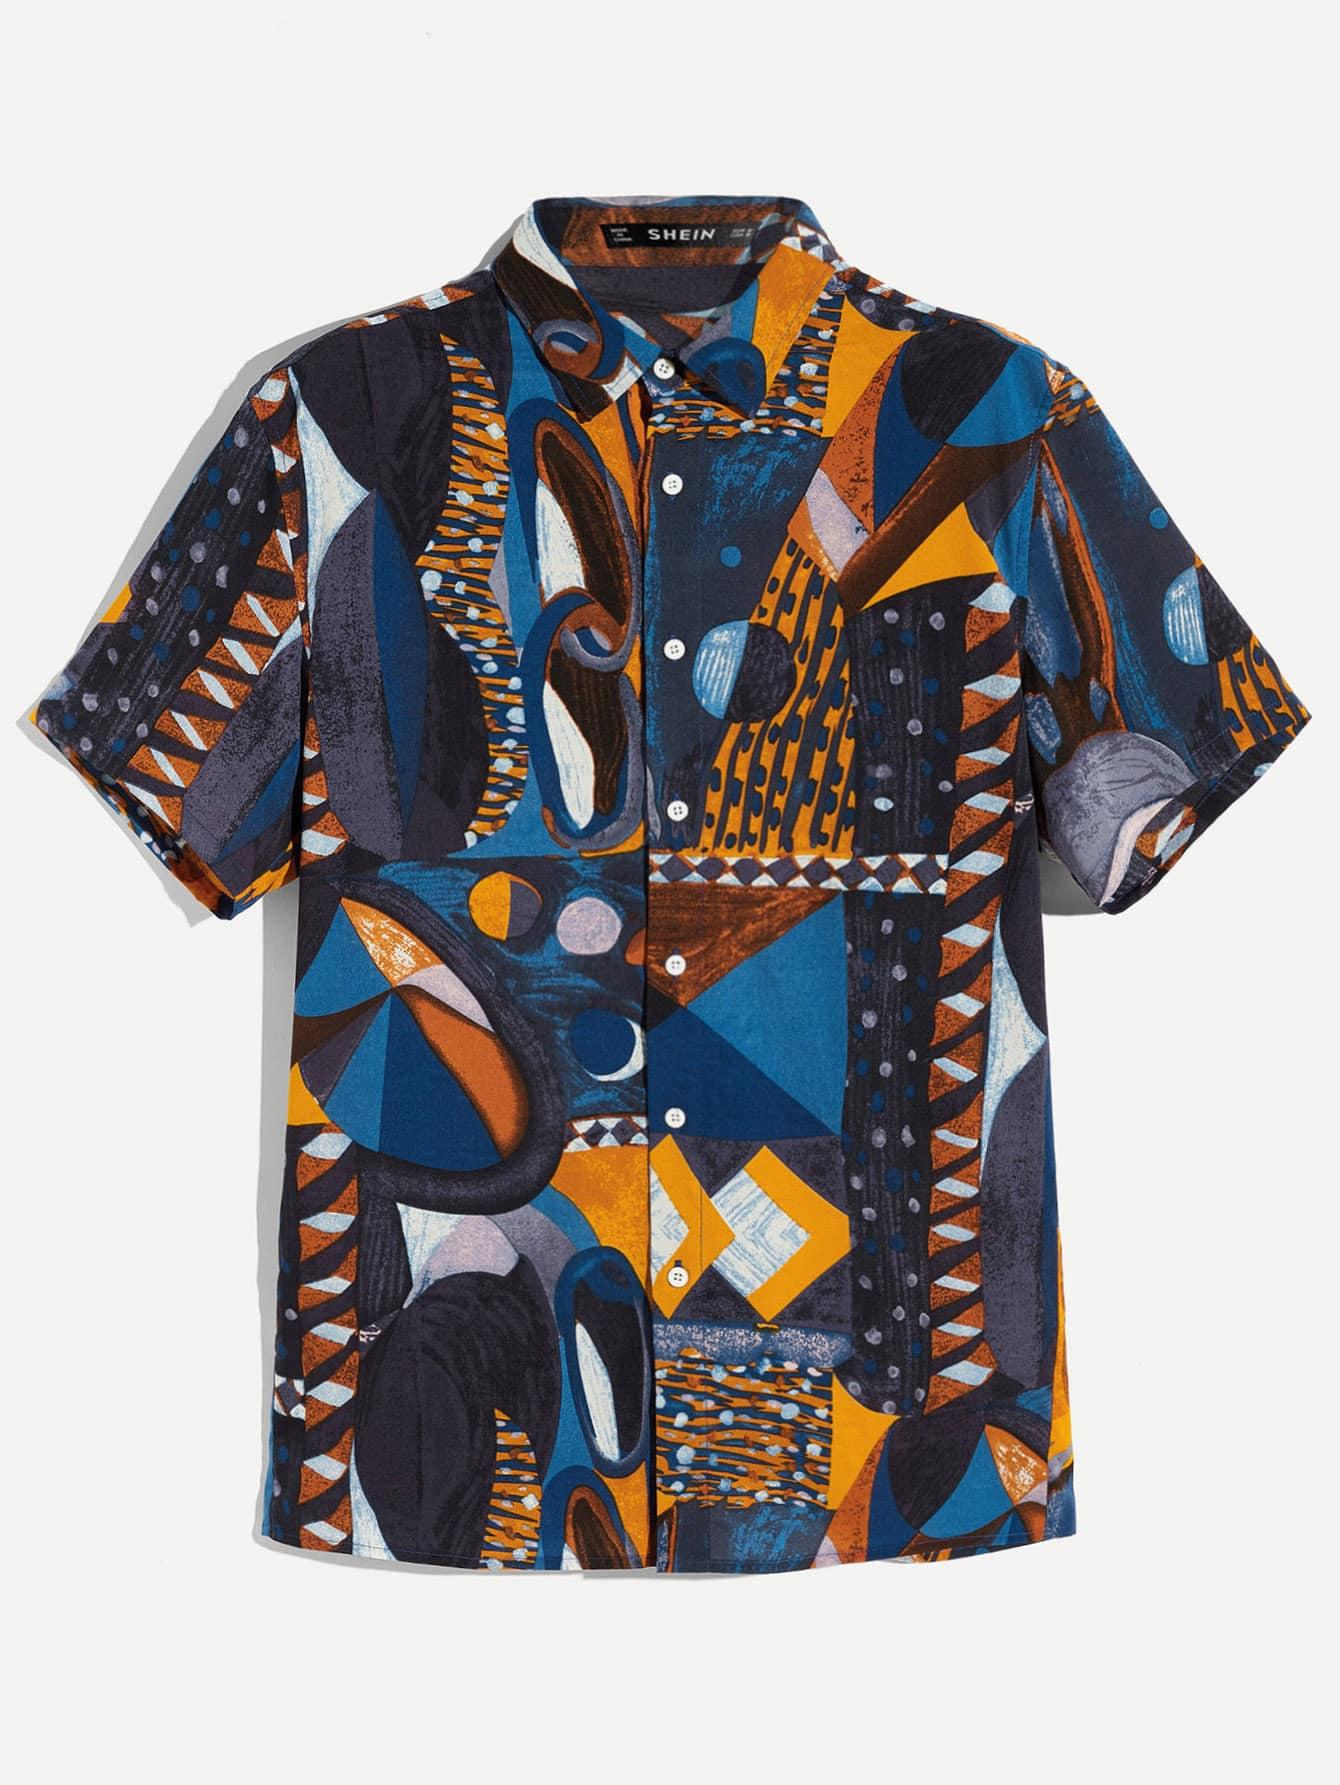 Купить Мужская рубашка с коротким рукавом и графическим принтом, null, SheIn